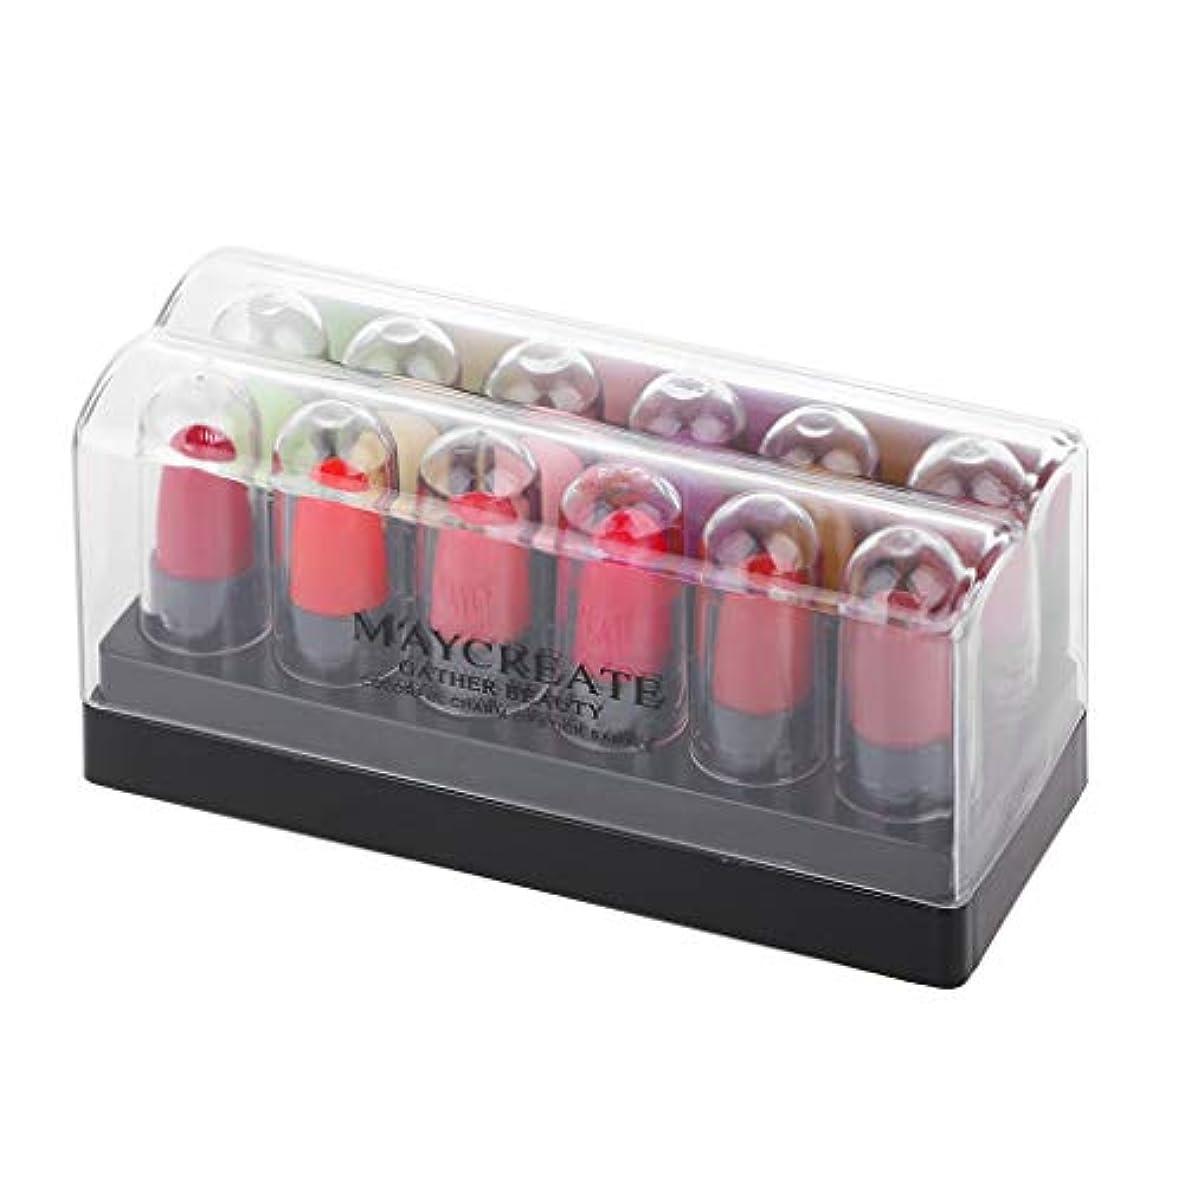 歌うパテ散るKimyuo 12ピースミニ口紅サンプル保湿セクシーな赤い唇ヌード防水長続き化粧品リップメイク